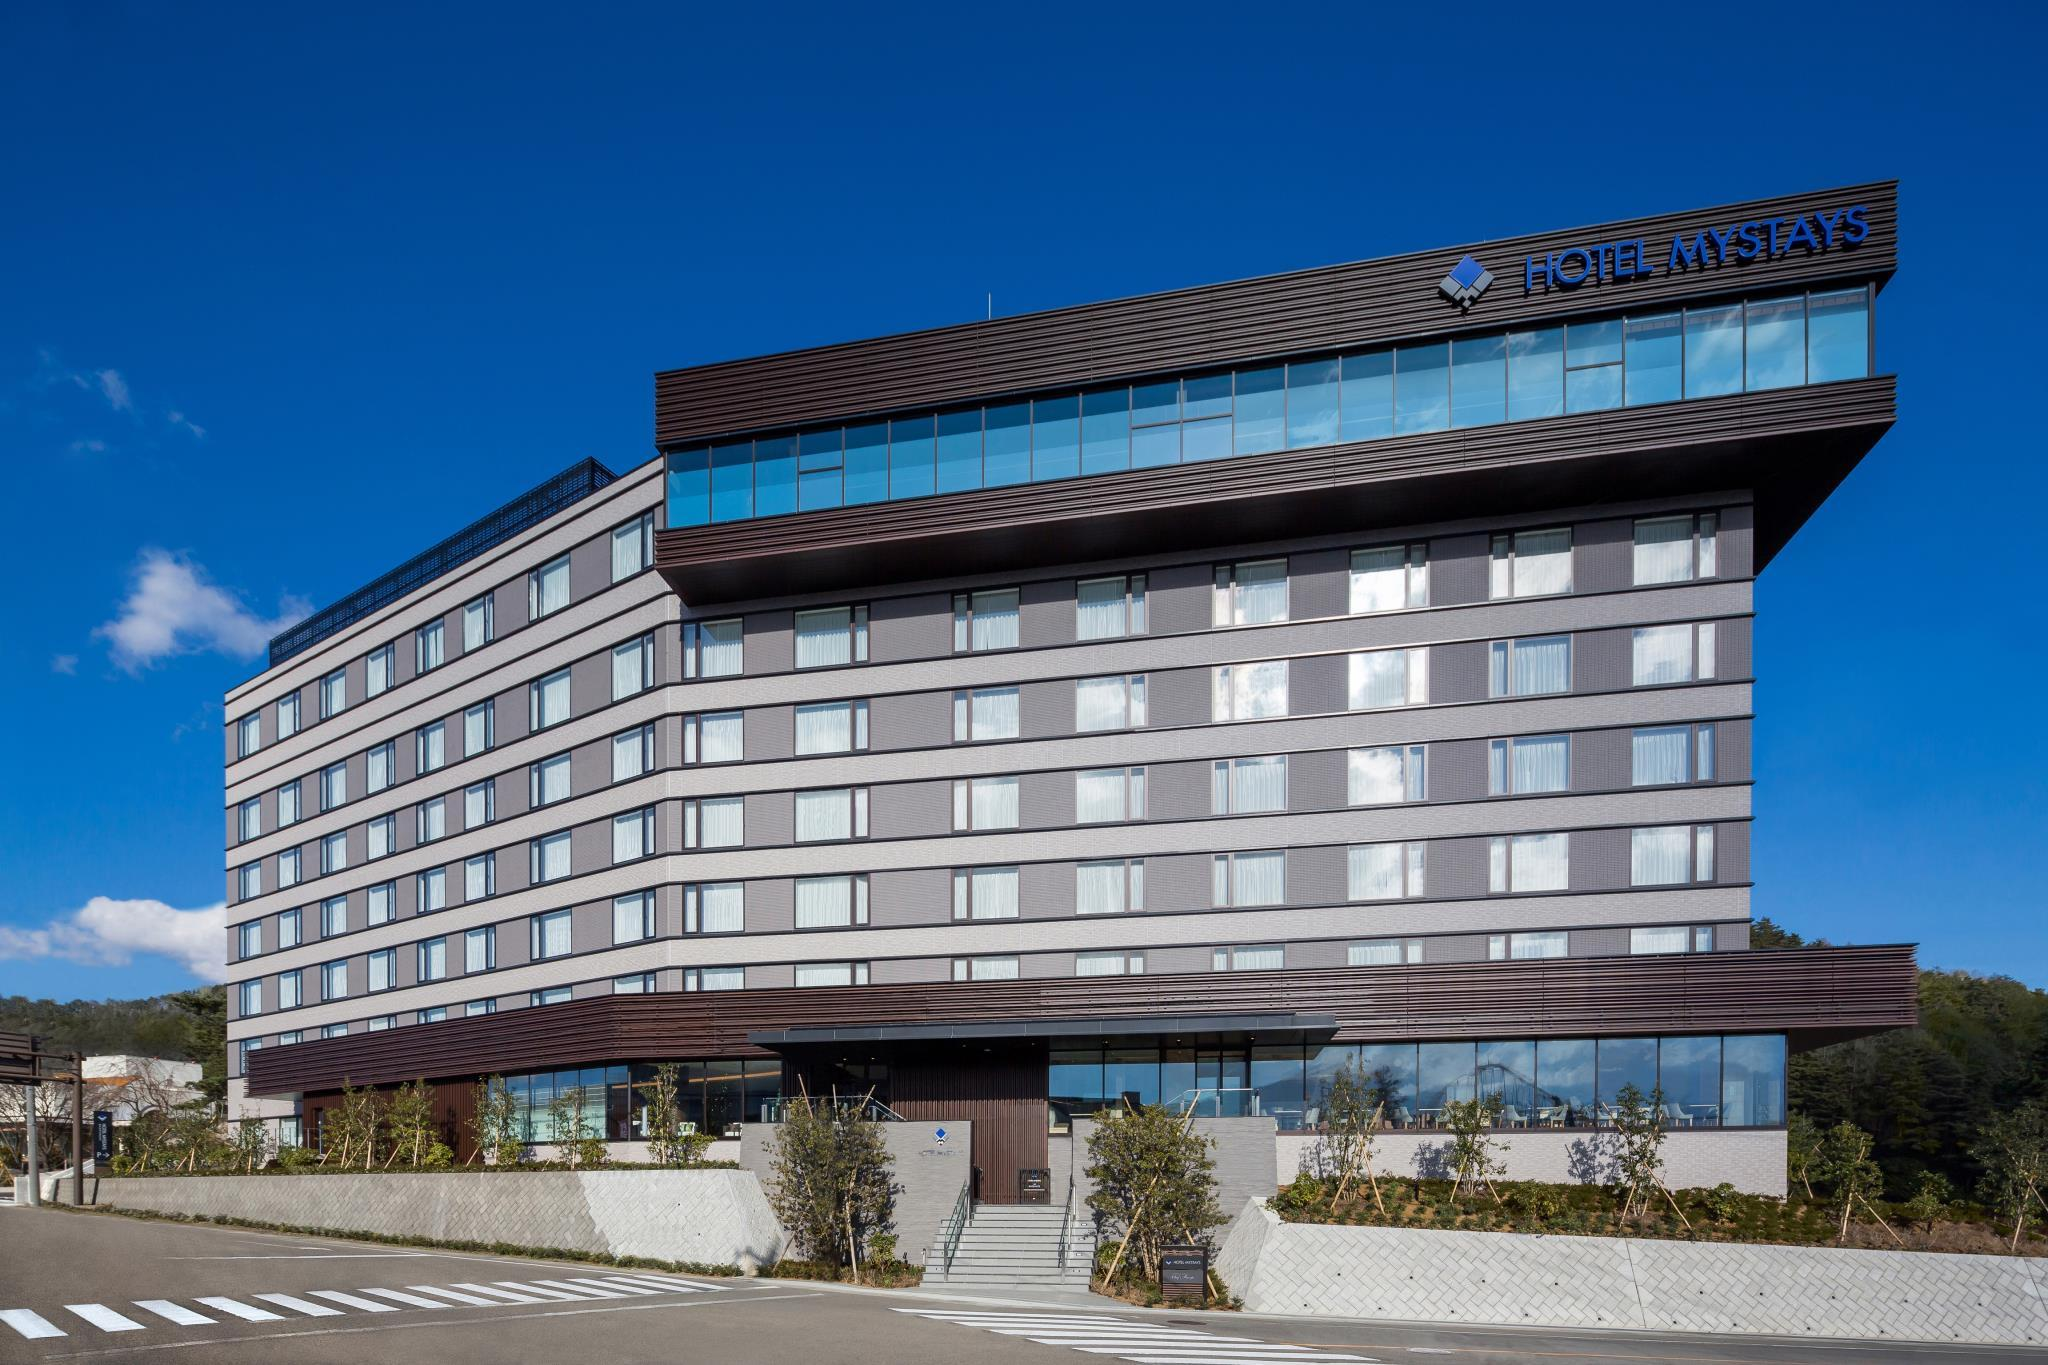 โรงแรมมายสเตย์ ฟูจิ ออนเซน รีสอร์ต